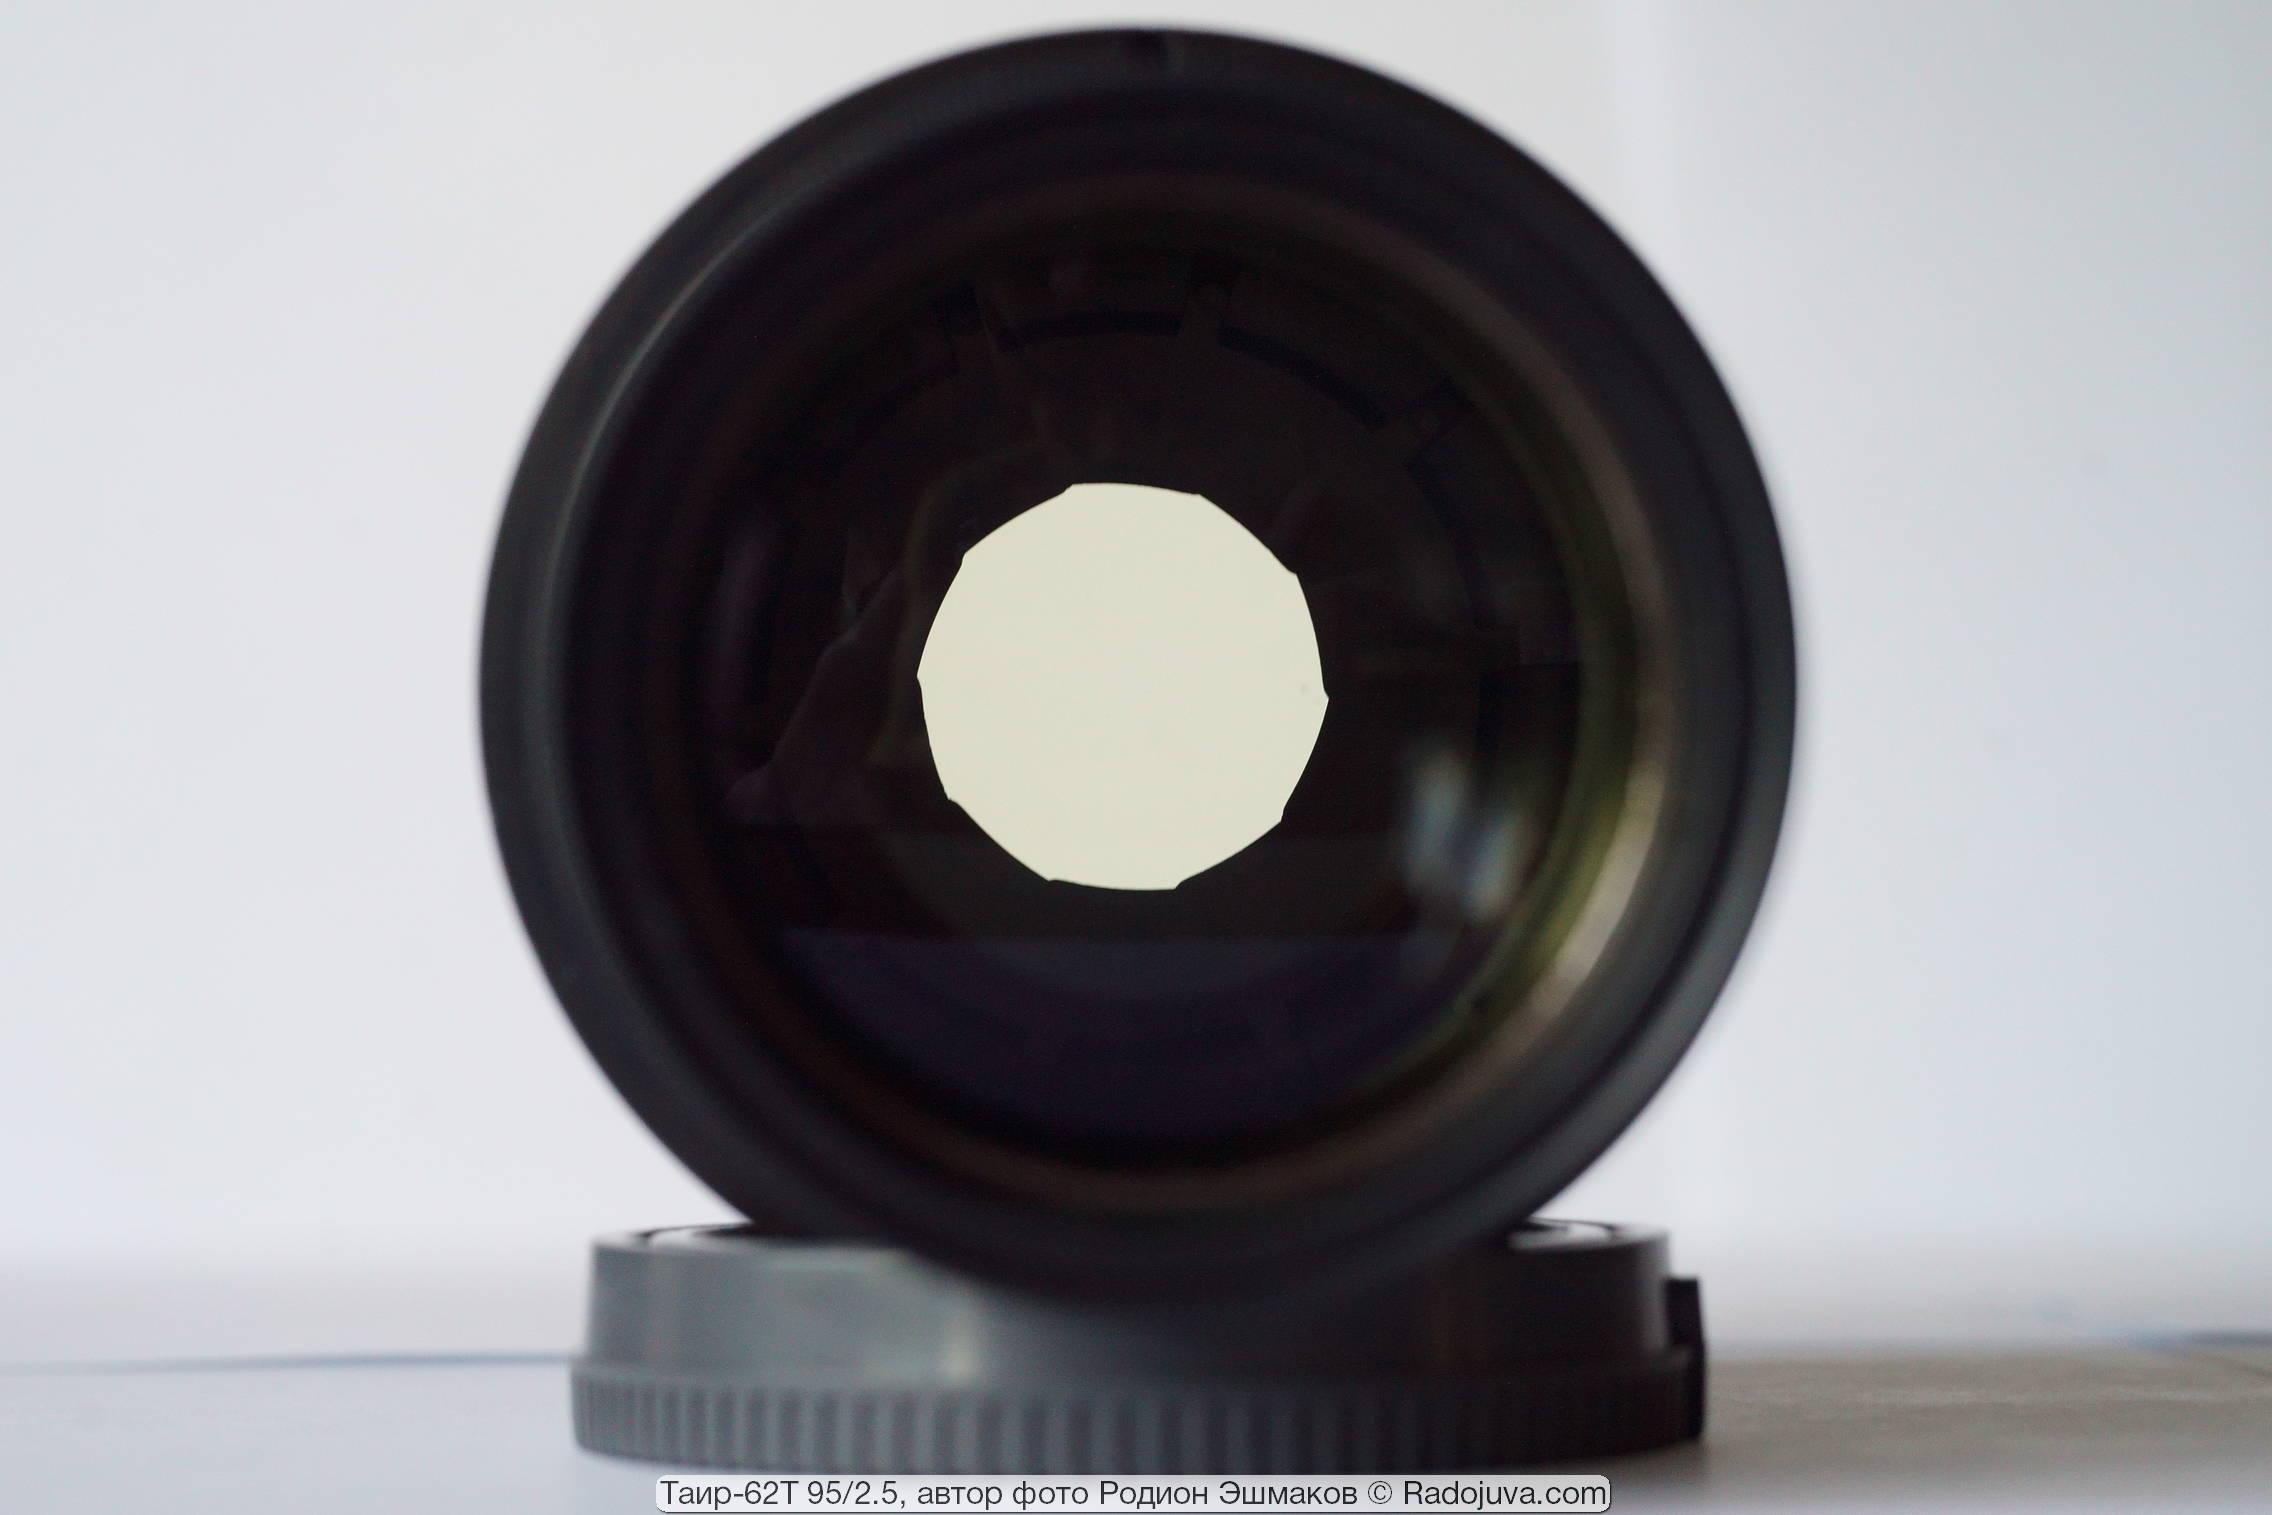 Вид формы отверстия диафрагмы при ~F/4.